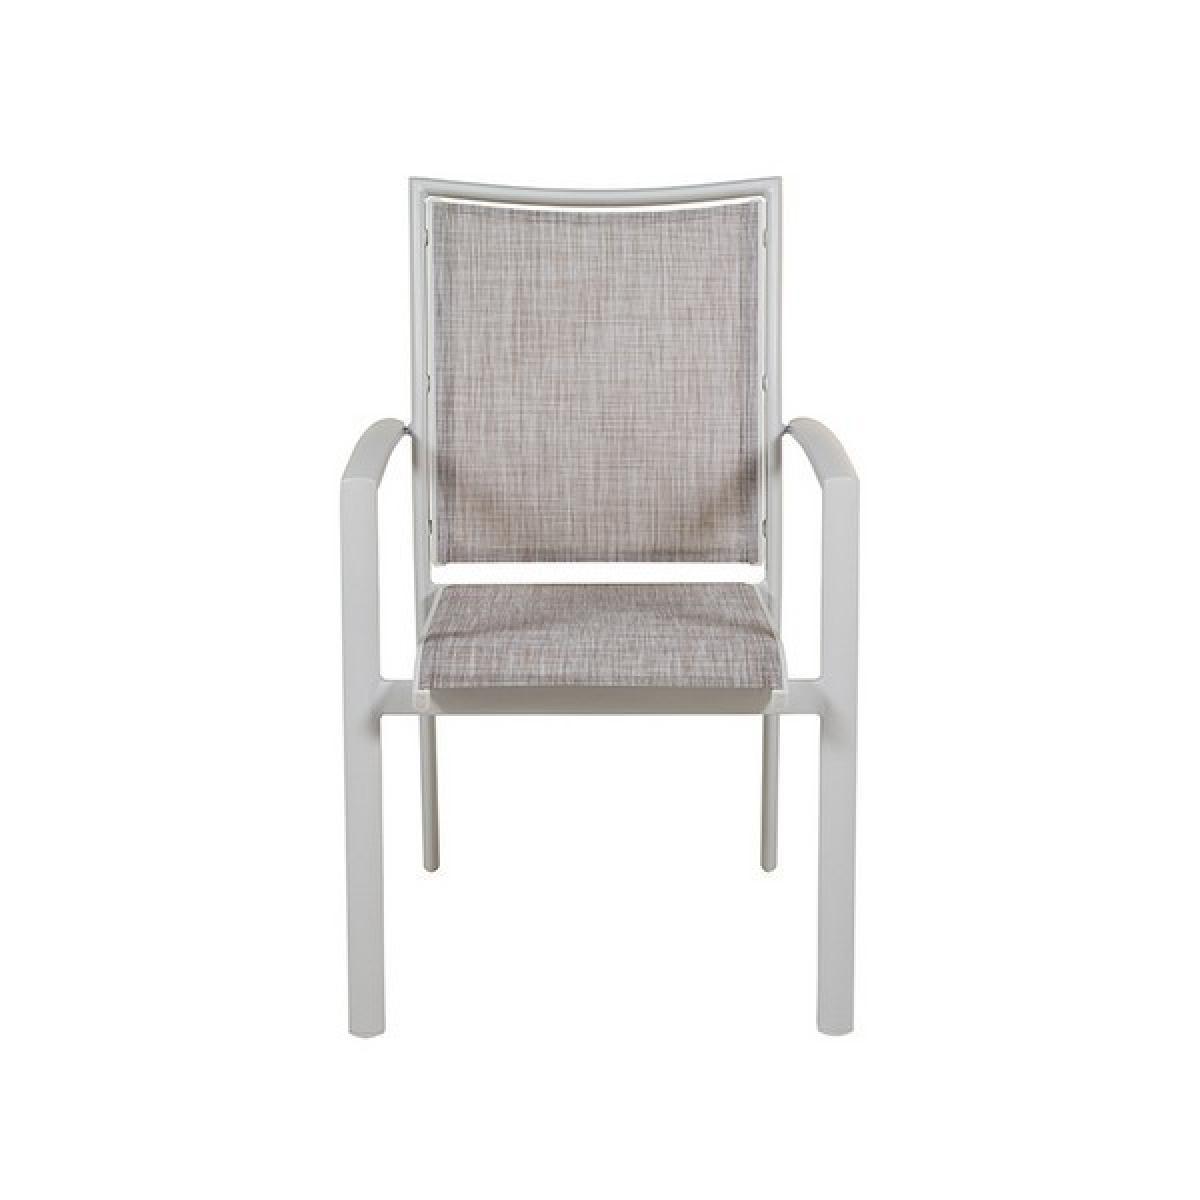 Totalcadeau Chaise de jardin avec support en aluminium (57 x 66 x 90 cm) - Chaise exterieur Pas cher